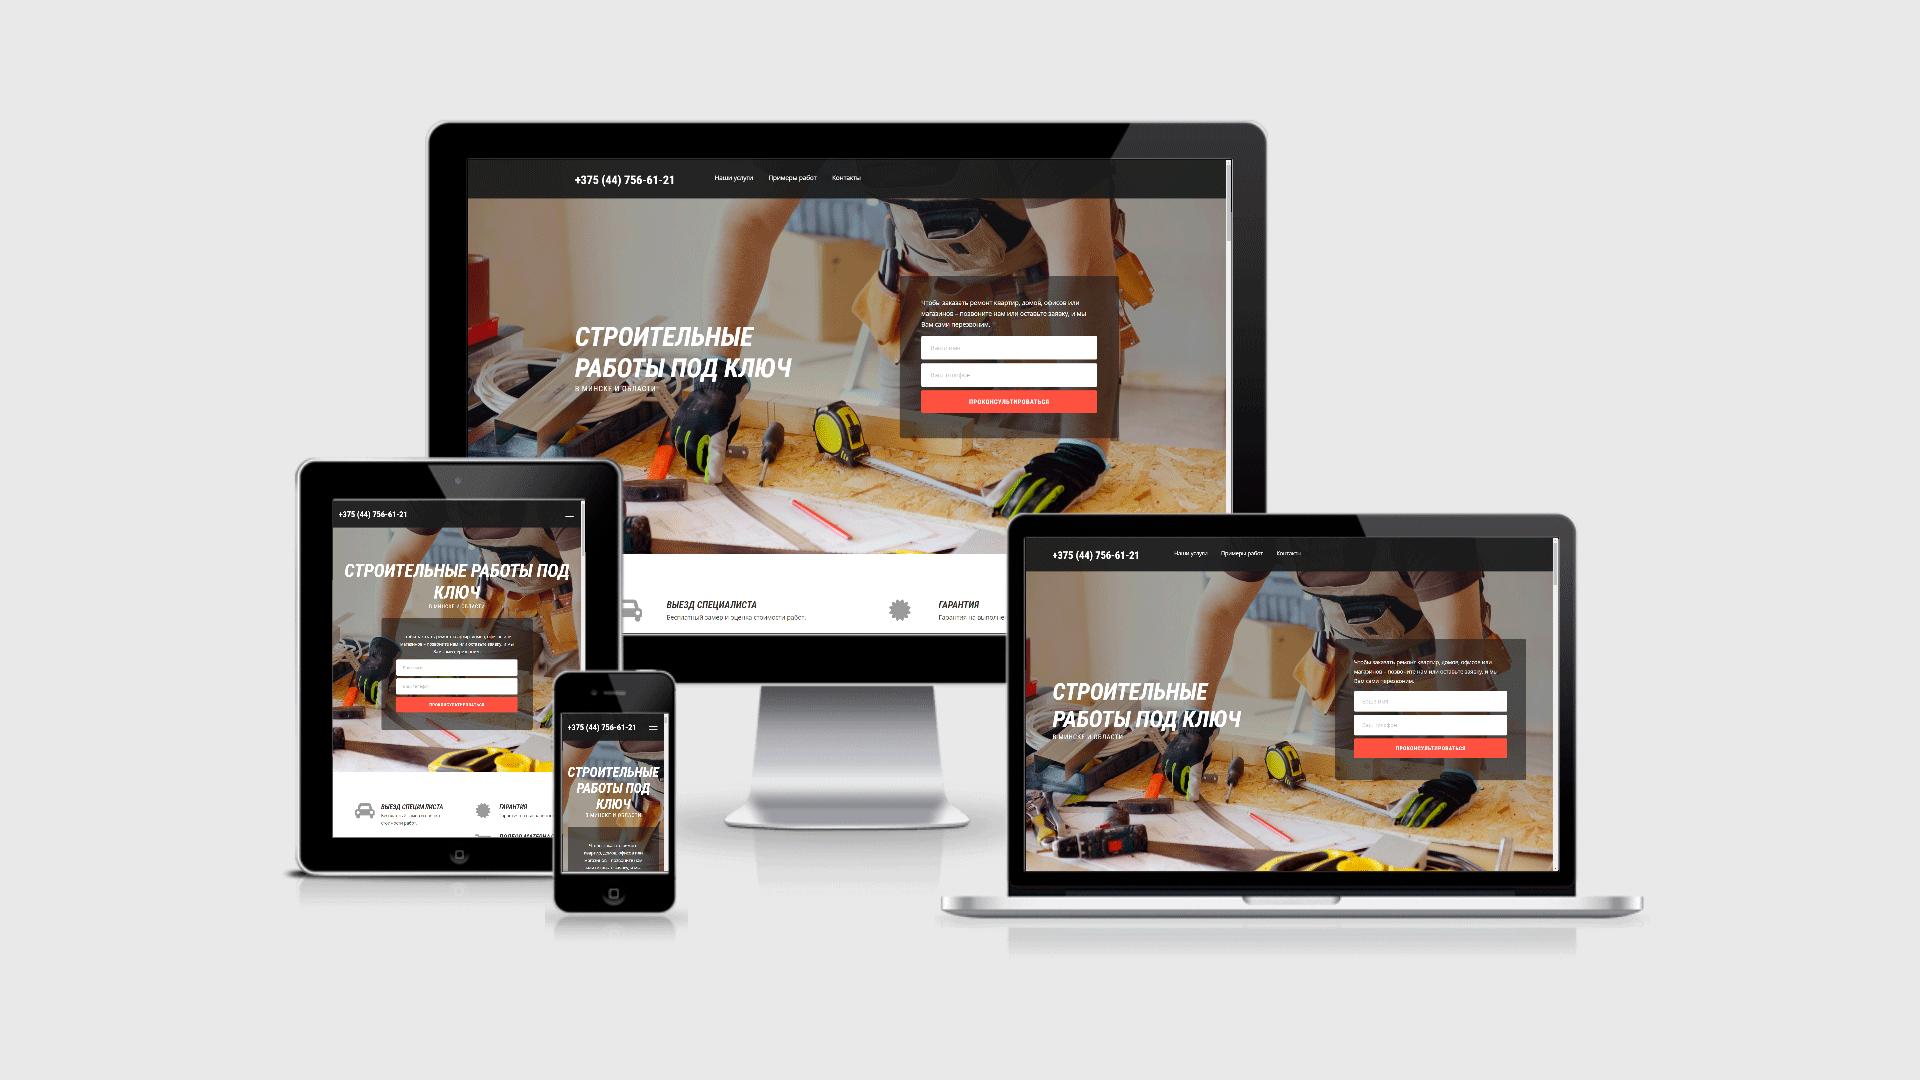 Портфолио работ интернет реклама разработка сайтов дизайн сайтов seo продвижение